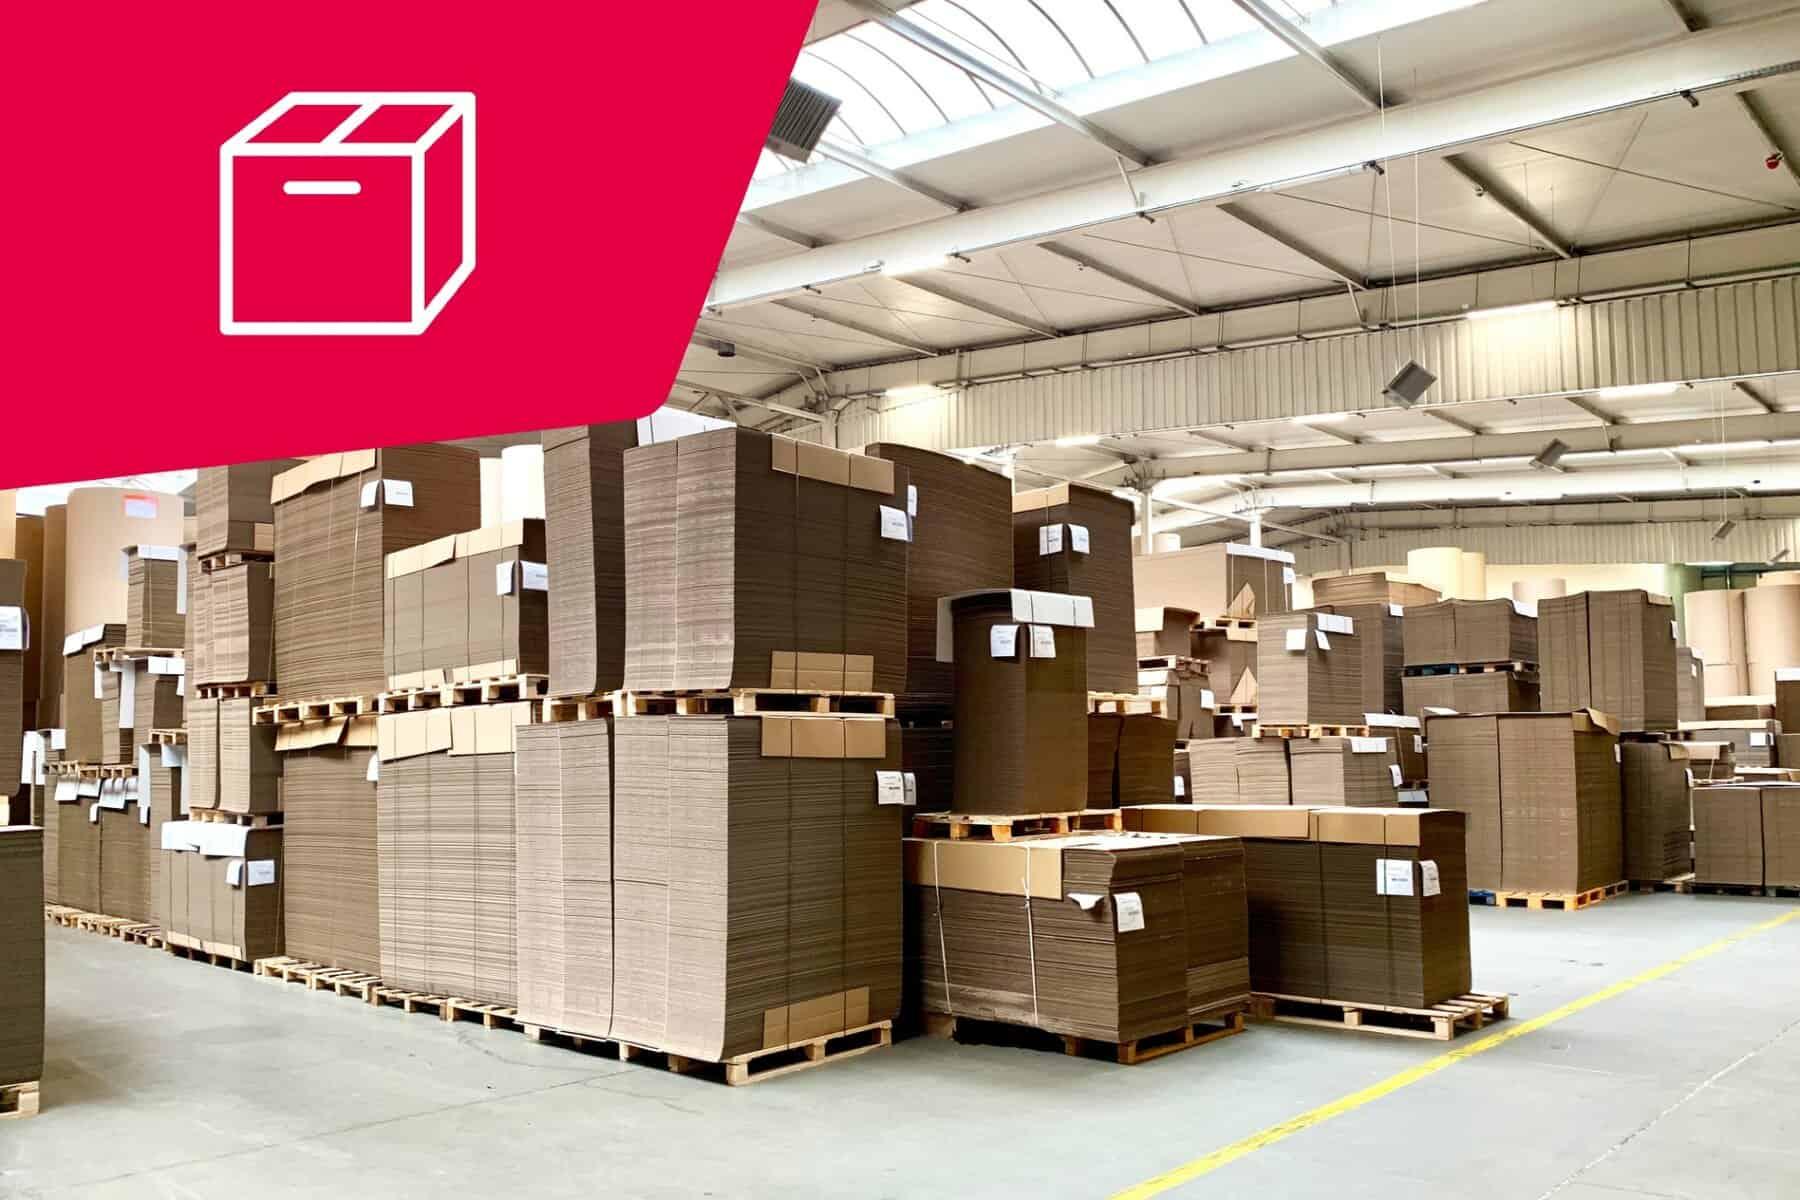 Verpackungen - Express- und Kurierlösung